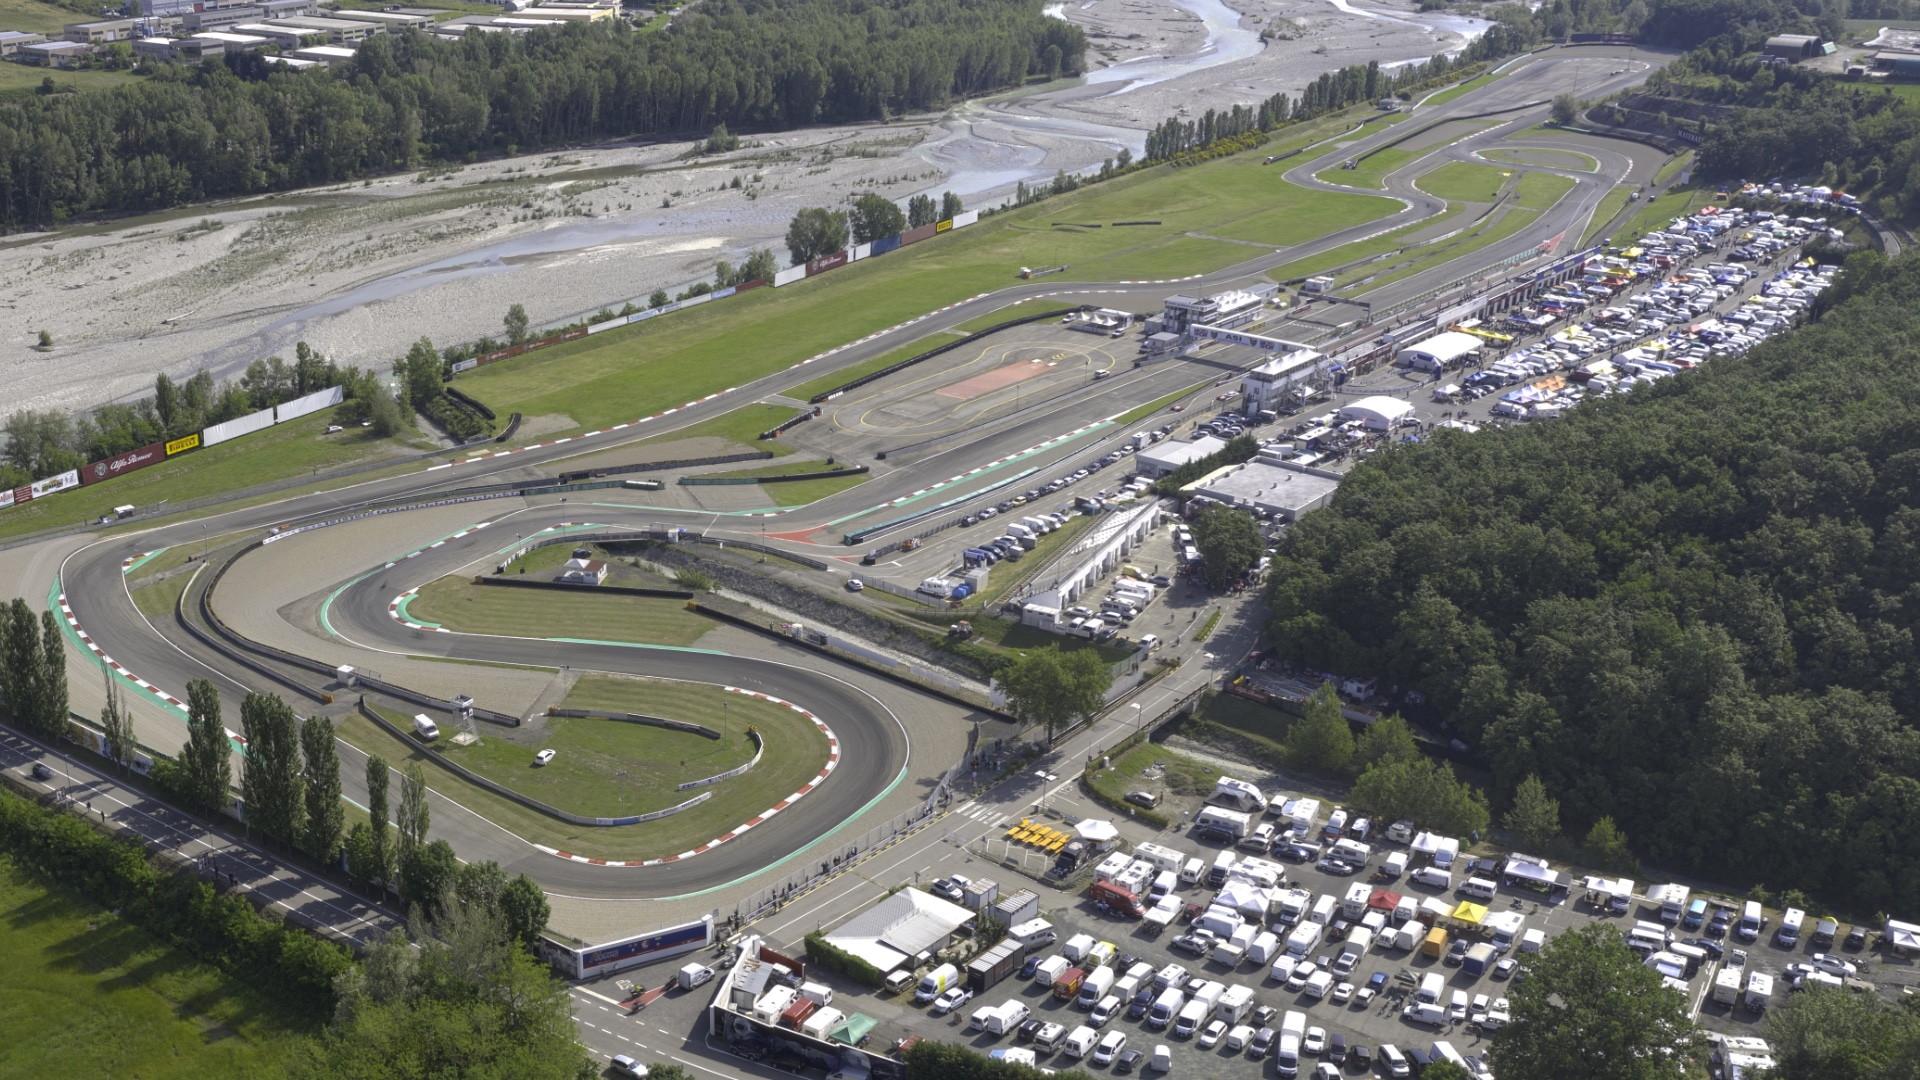 L'autodromo Riccardo Paletti di Varano, il secondo circuito in Umbria dopo quello di Magione.